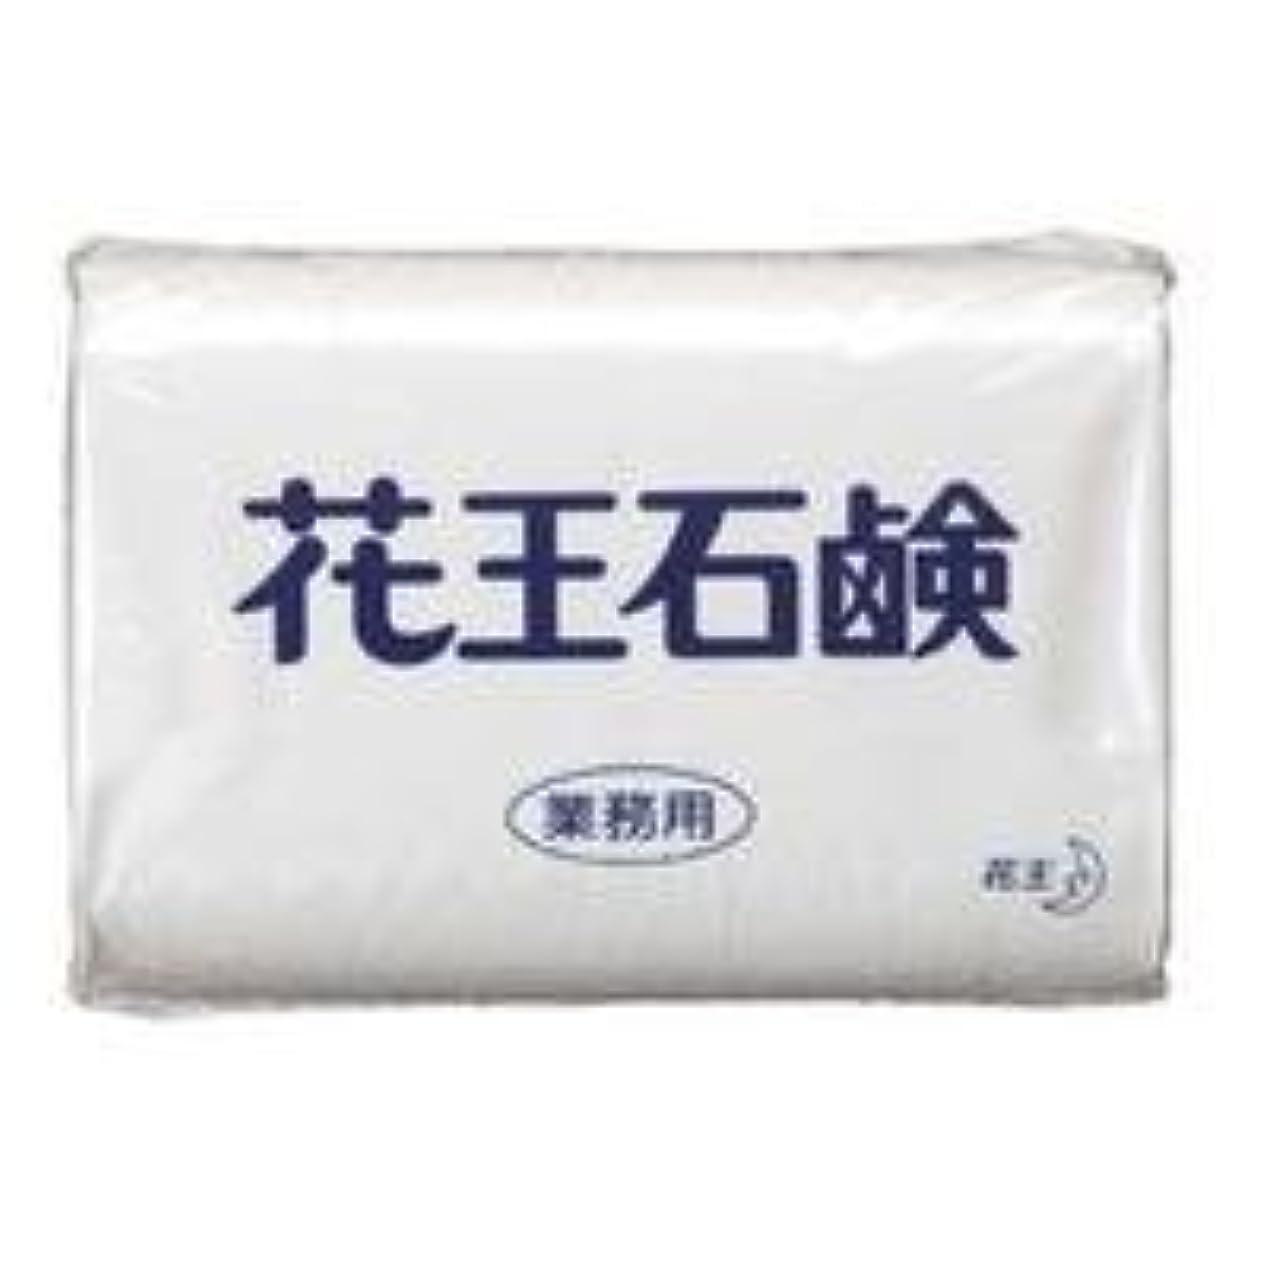 分離する職人サミット業務用石鹸 85g 3個×40パック(120個入り)